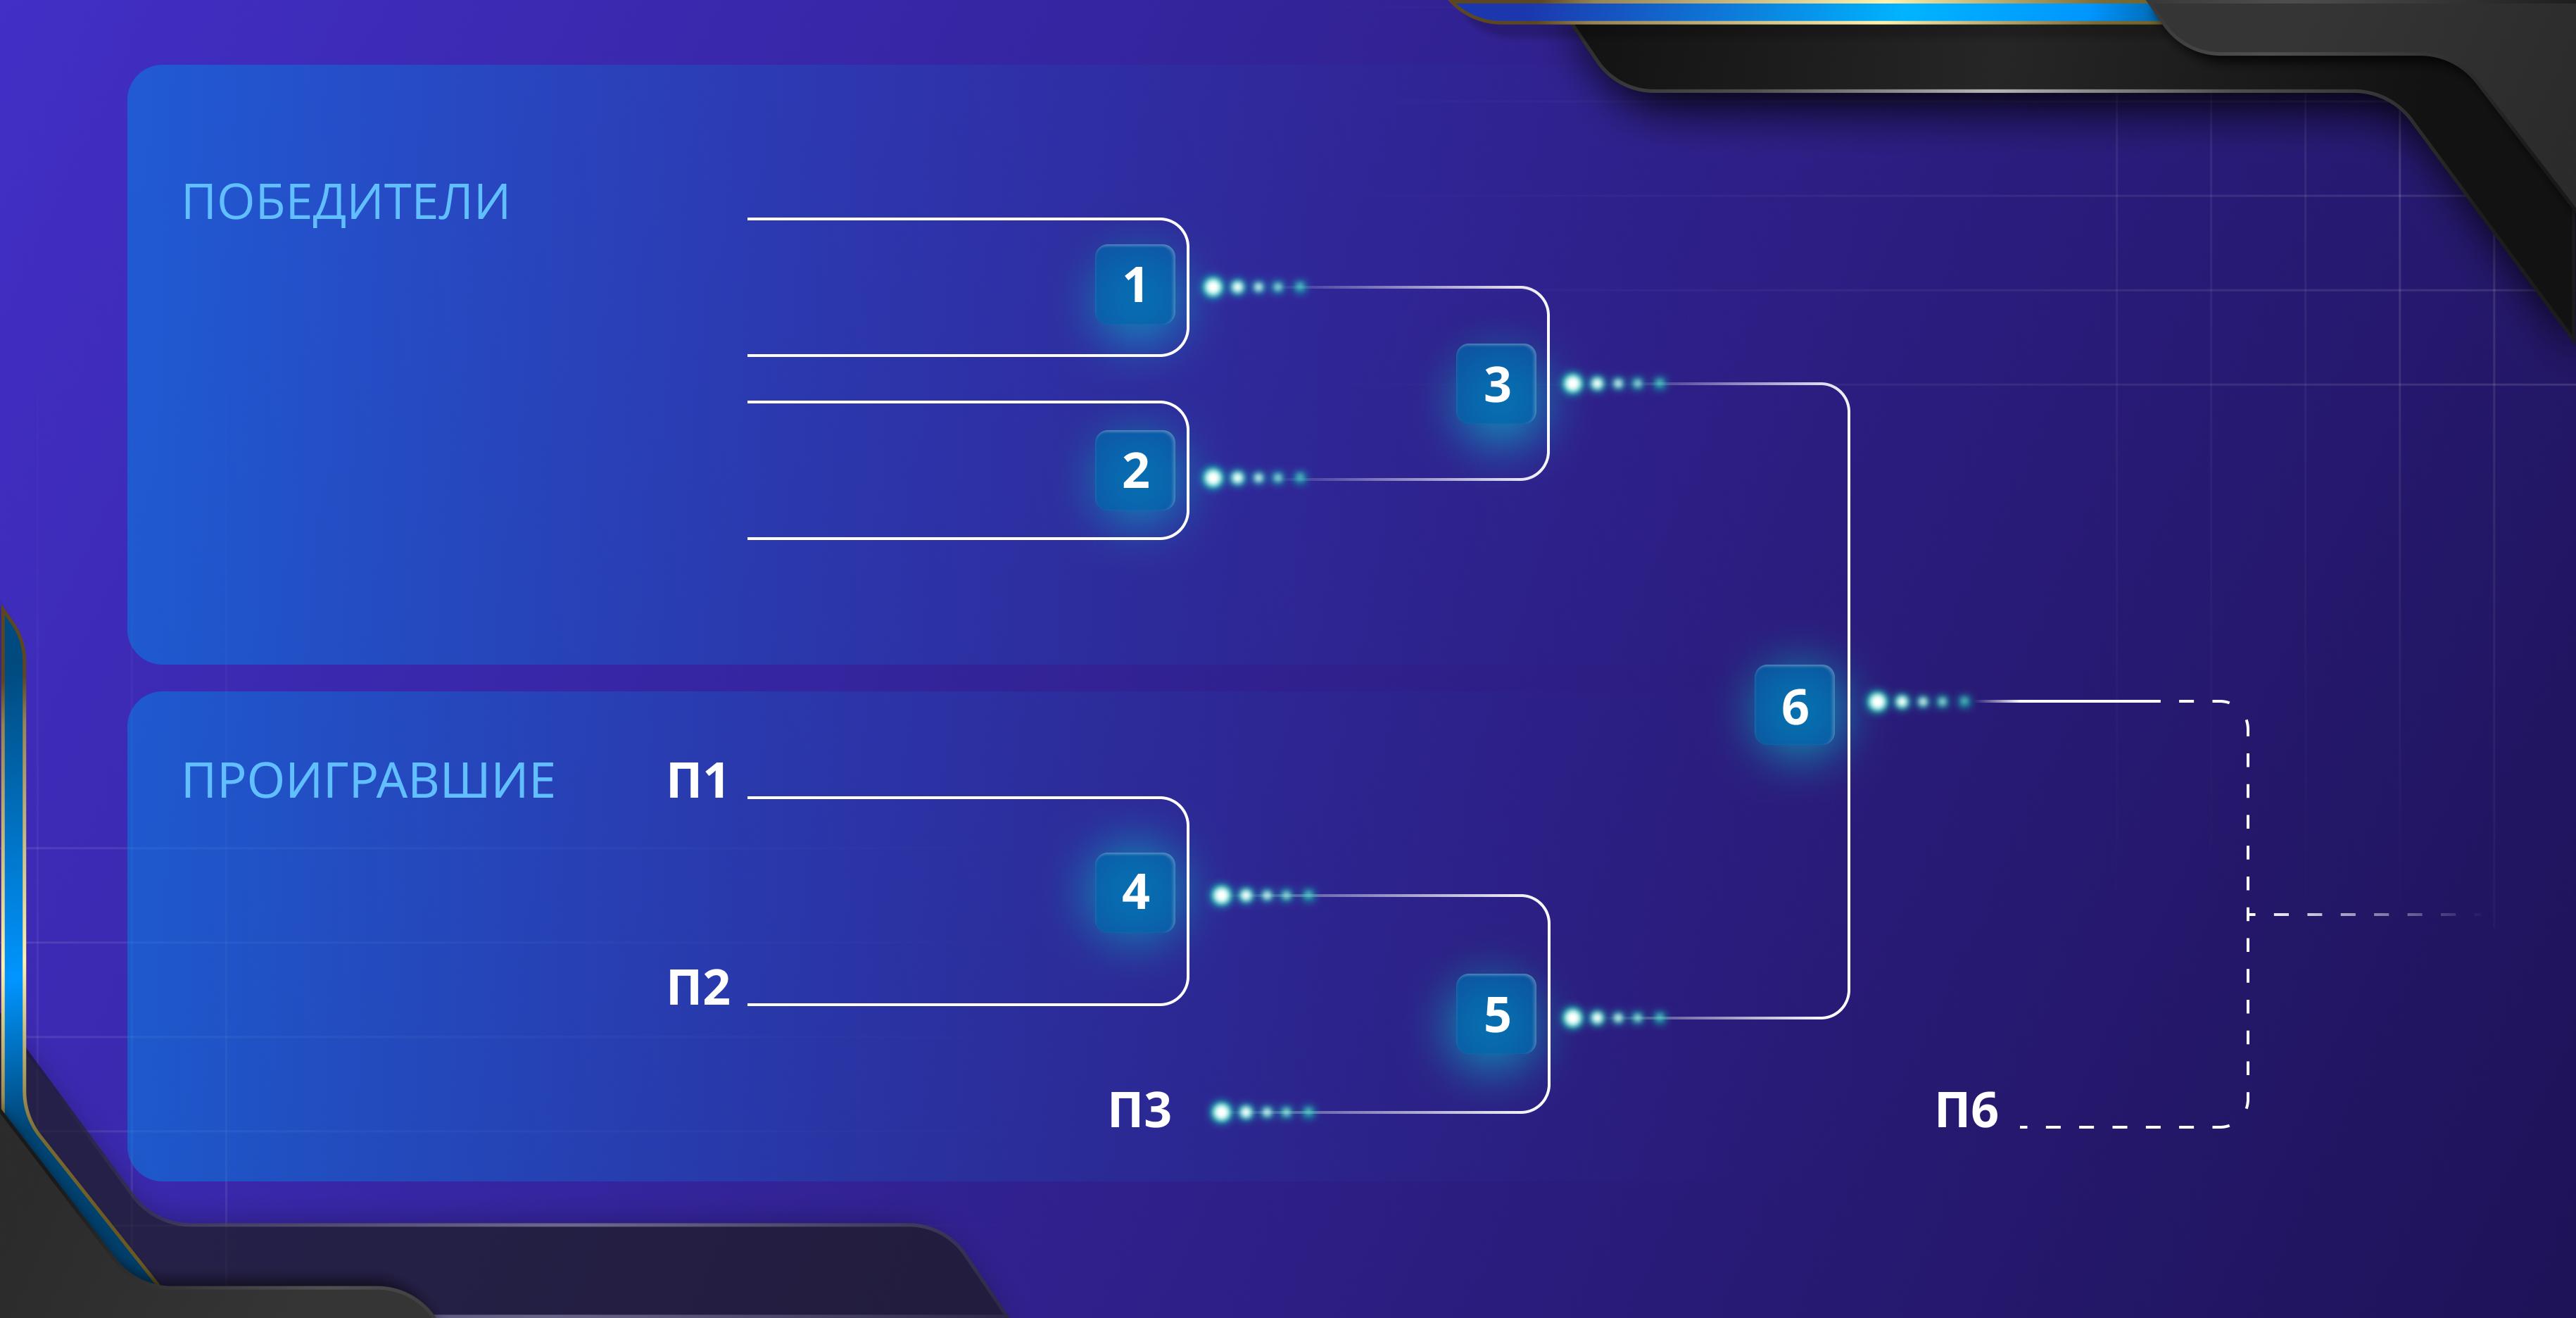 Пример турнирной схемы Double Elimination для четырех команд.